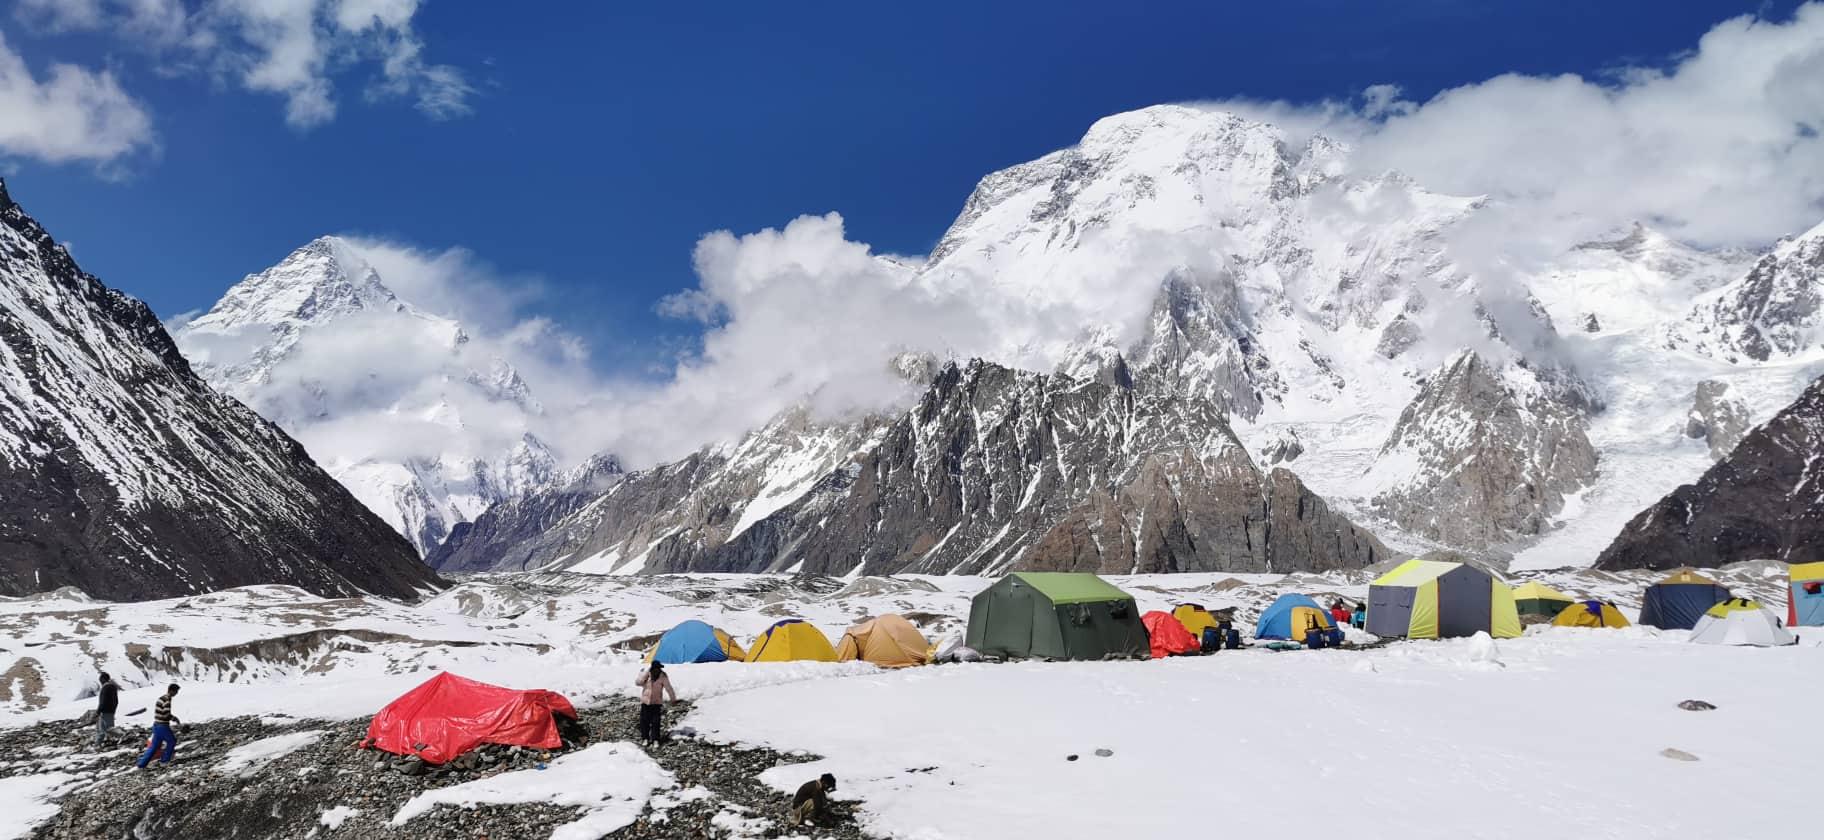 K2 alaptábor, balra a K2, jobbra a Broad Peak emelkedik Forrás: Magyar K2 expedíció 2019